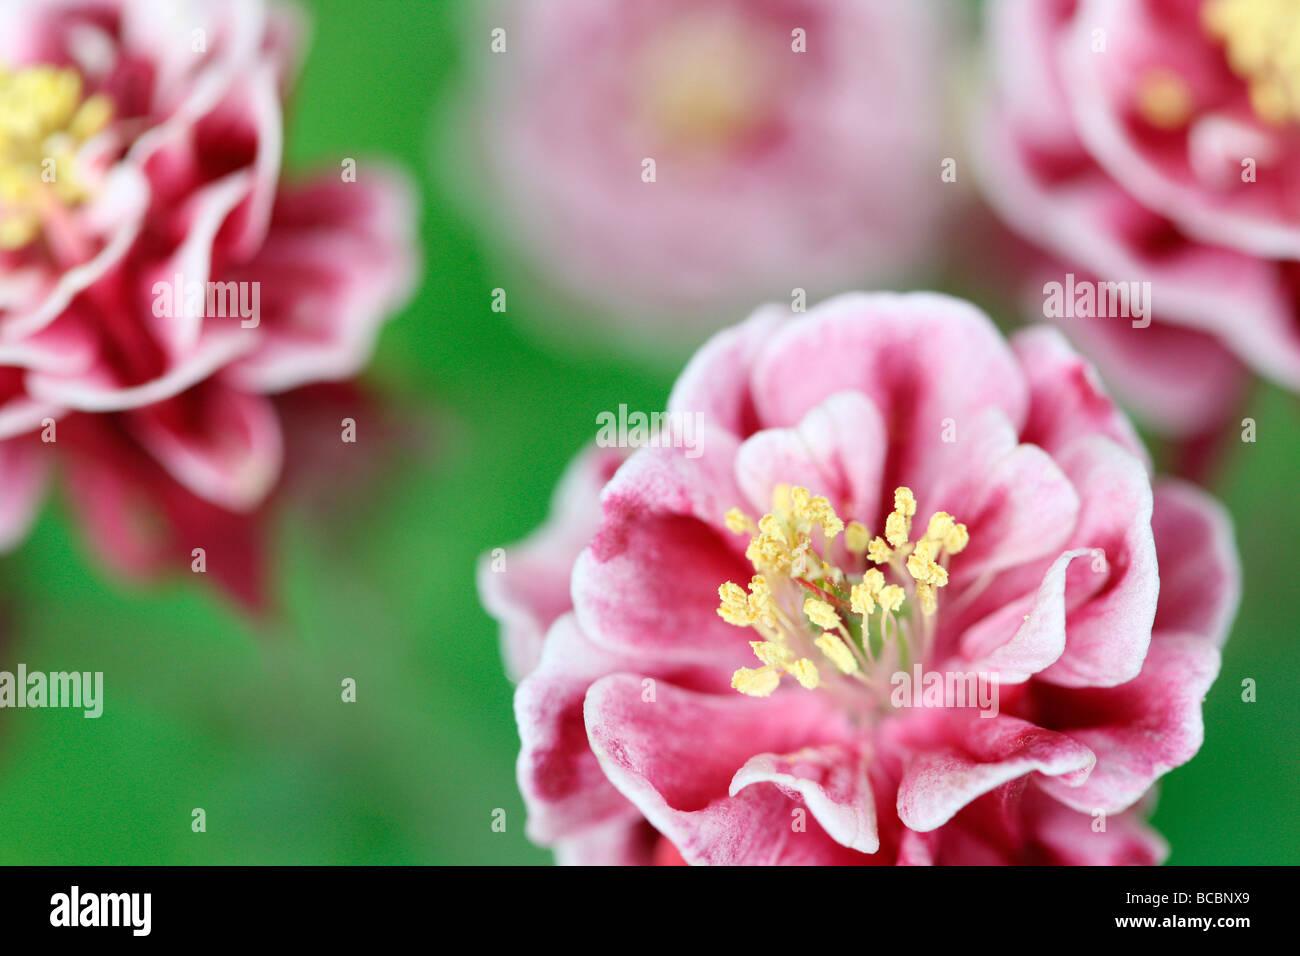 Hermoso color rojo y blanco doble aquilegia fotografía artística Jane Ann Butler Fotografía JABP486 Imagen De Stock